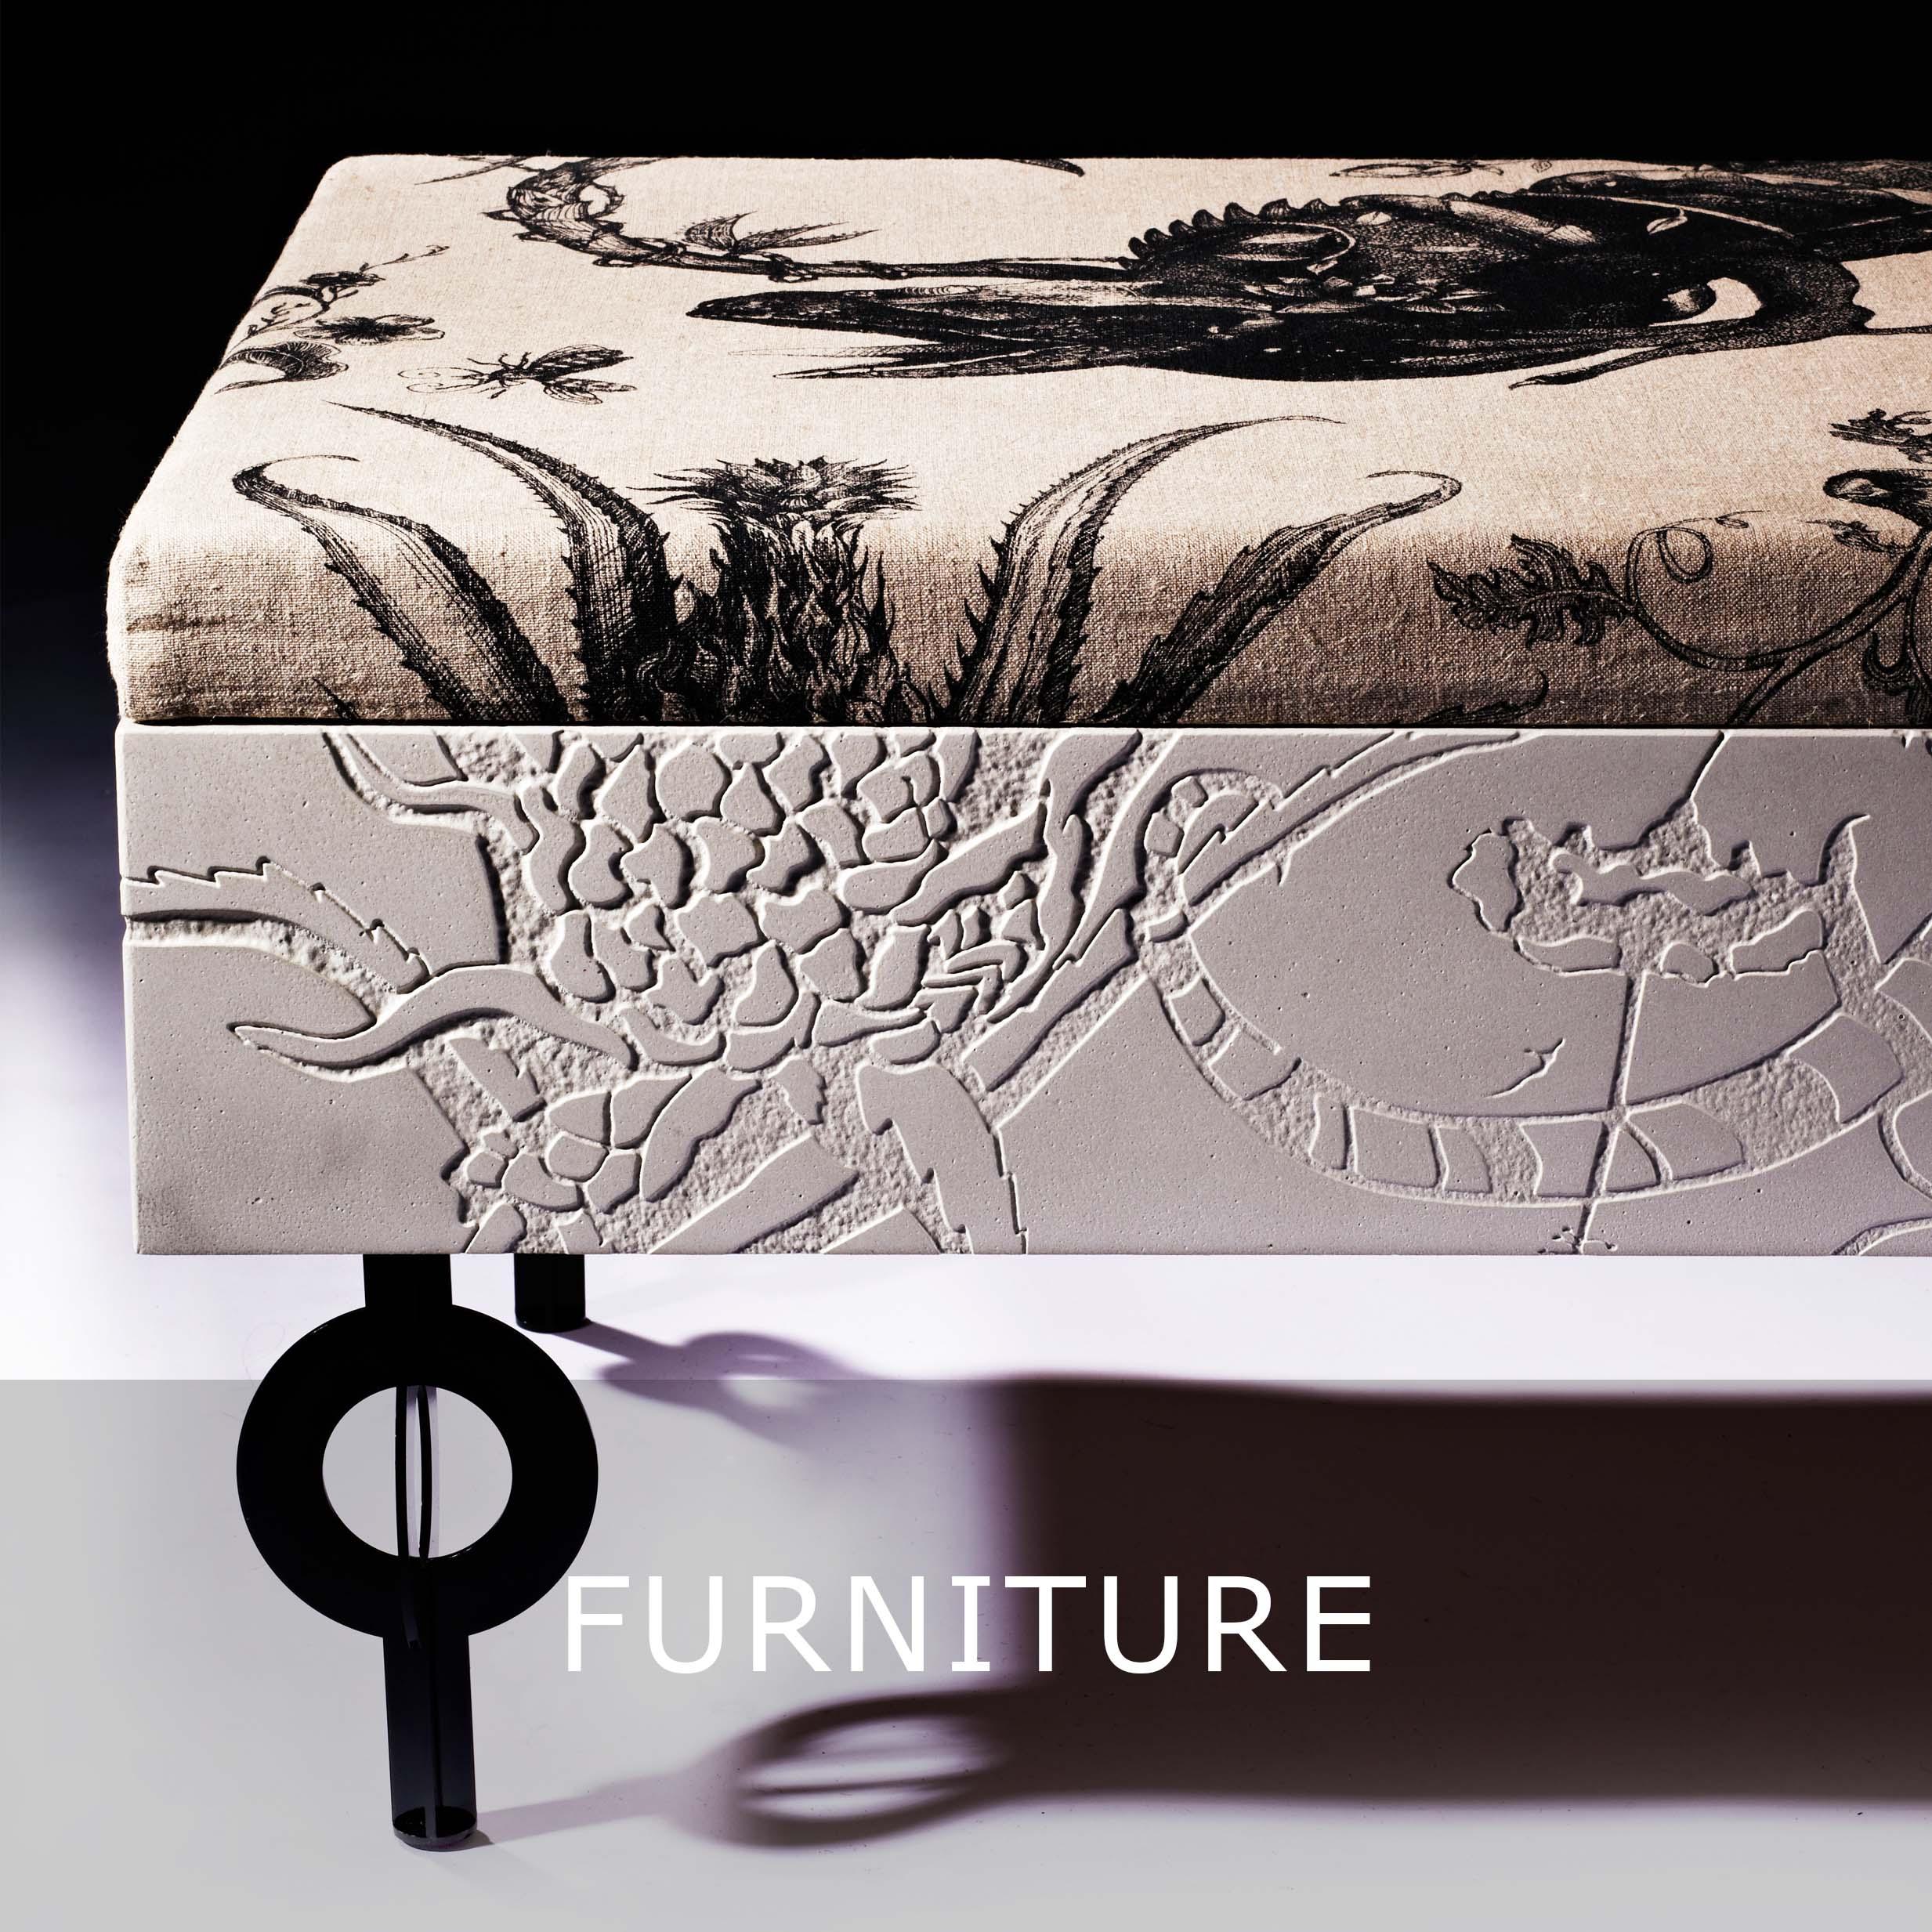 Gallery_furniture.jpg